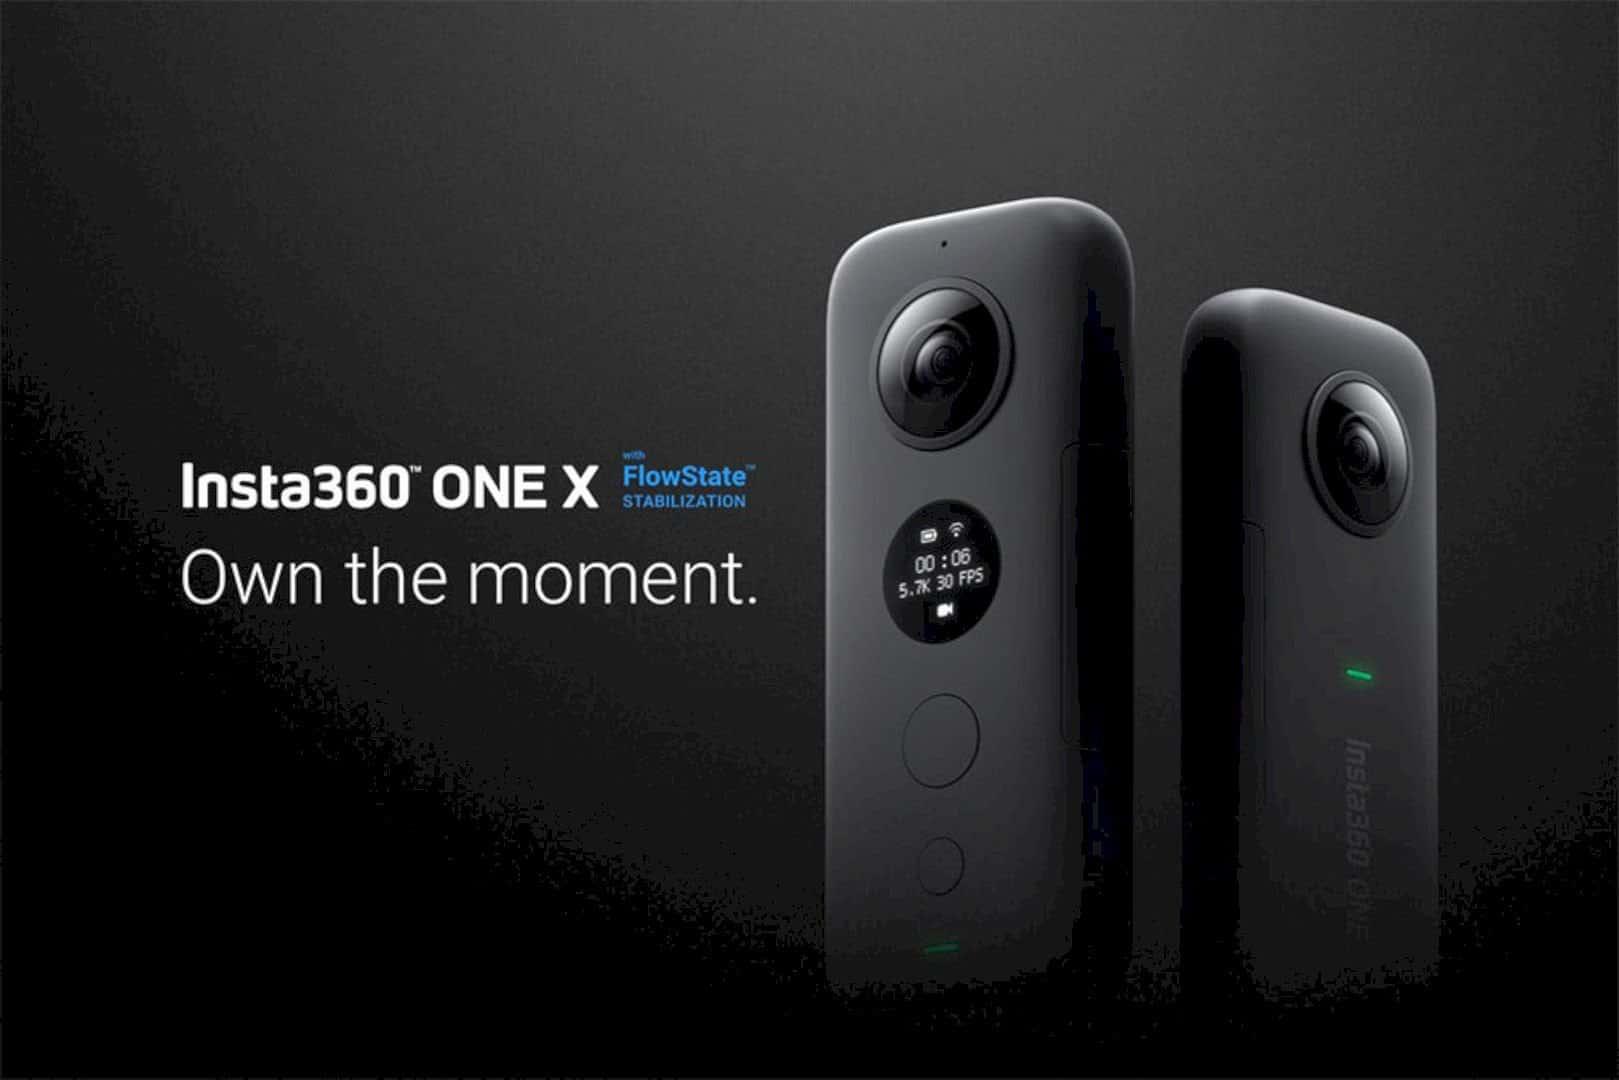 Insta360 One X 4